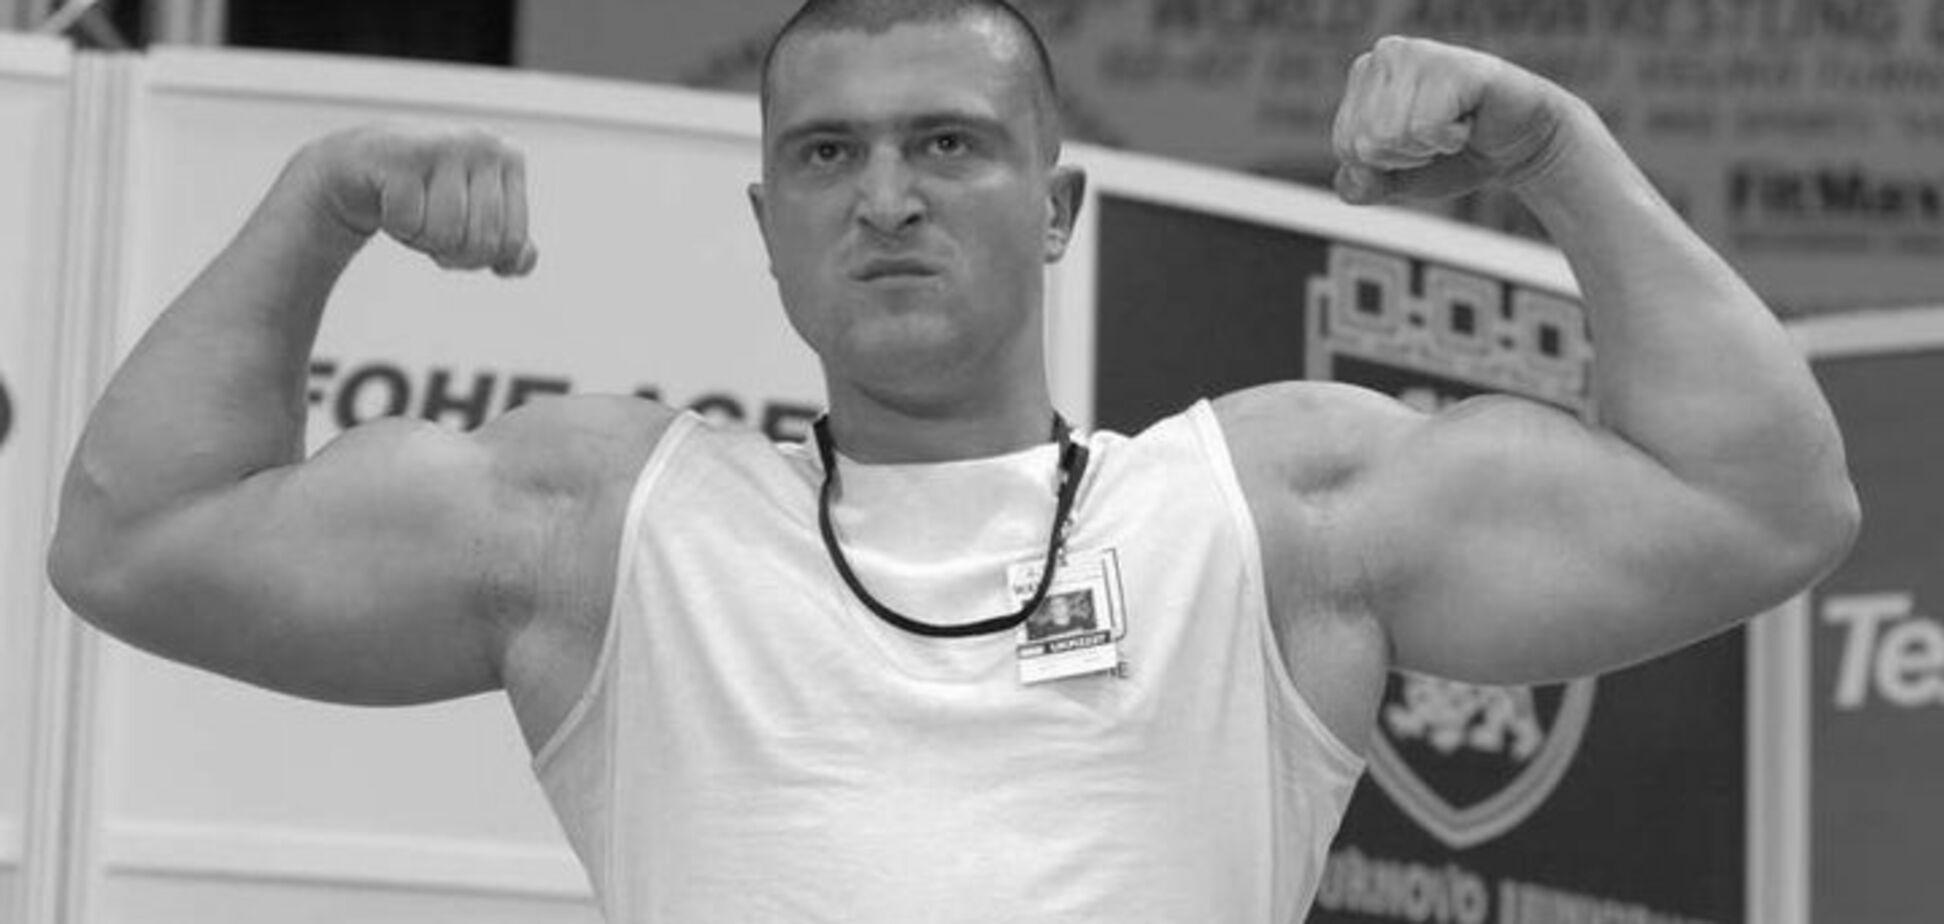 Украинский чемпион мира по армреслингу погиб в страшном ДТП